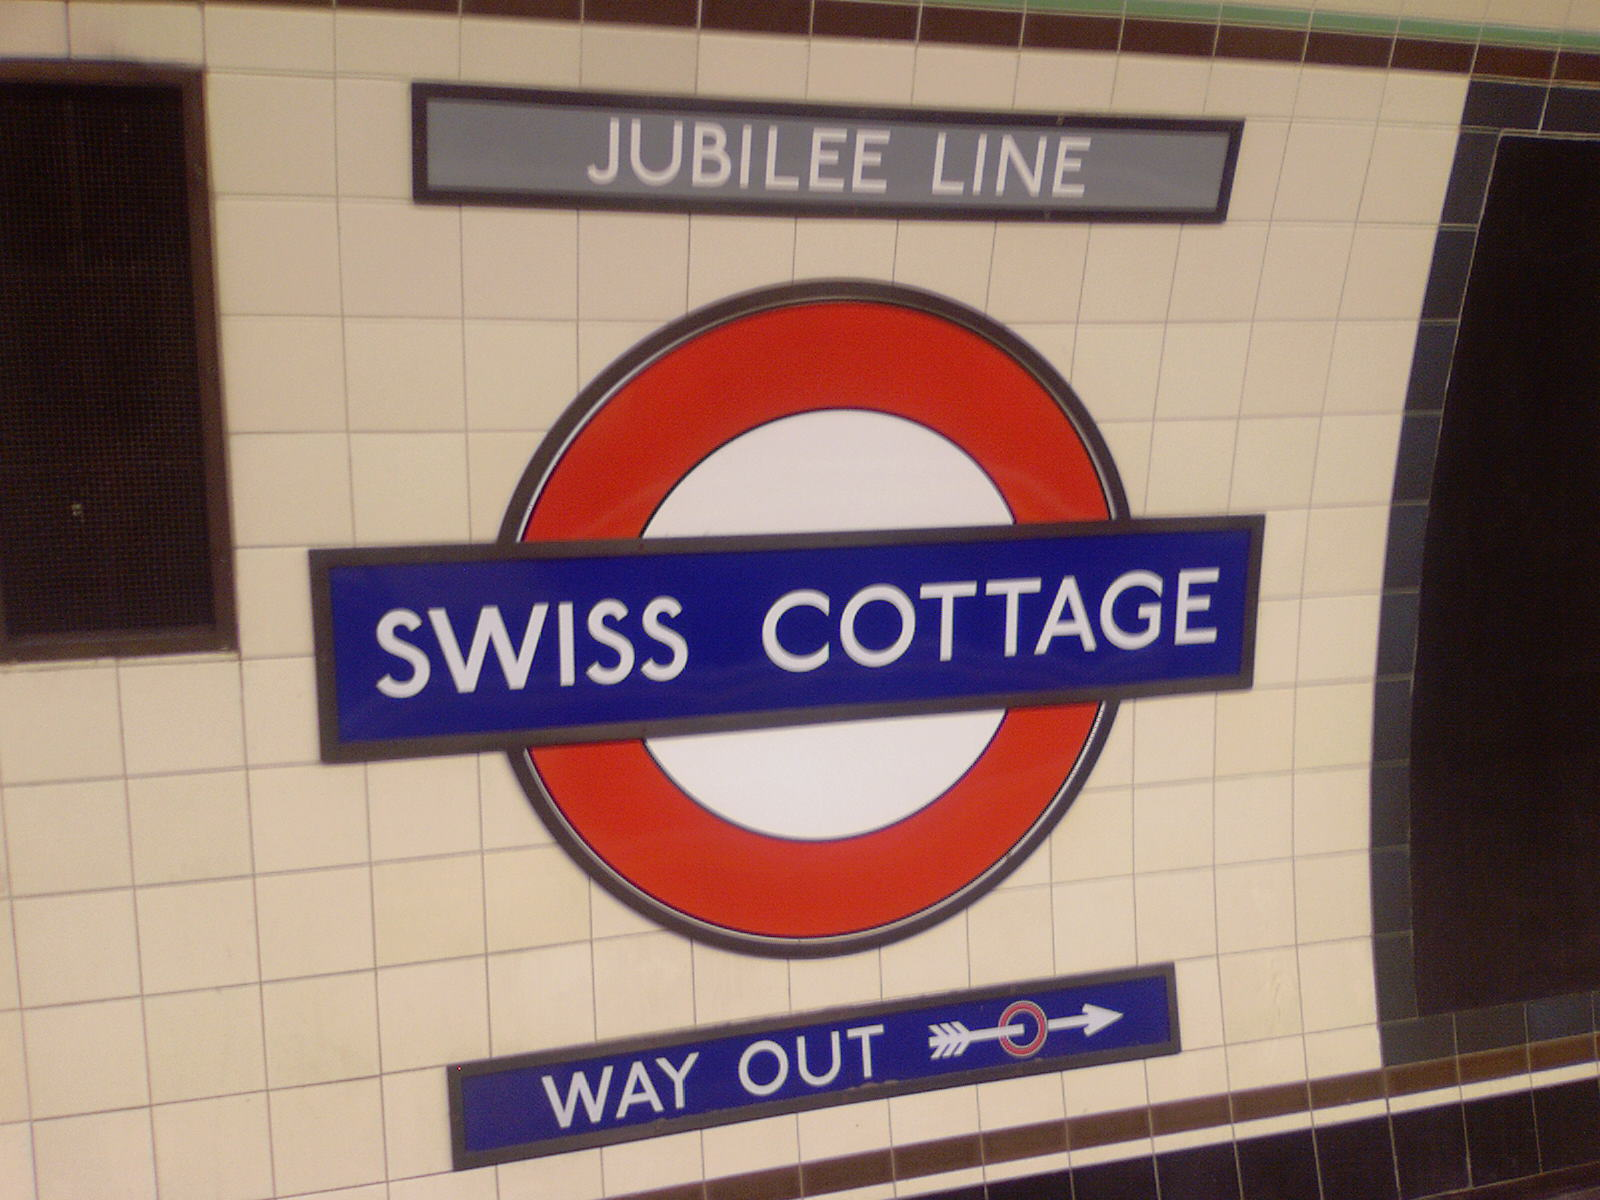 Swiss Cottage undergrunnsstasjon